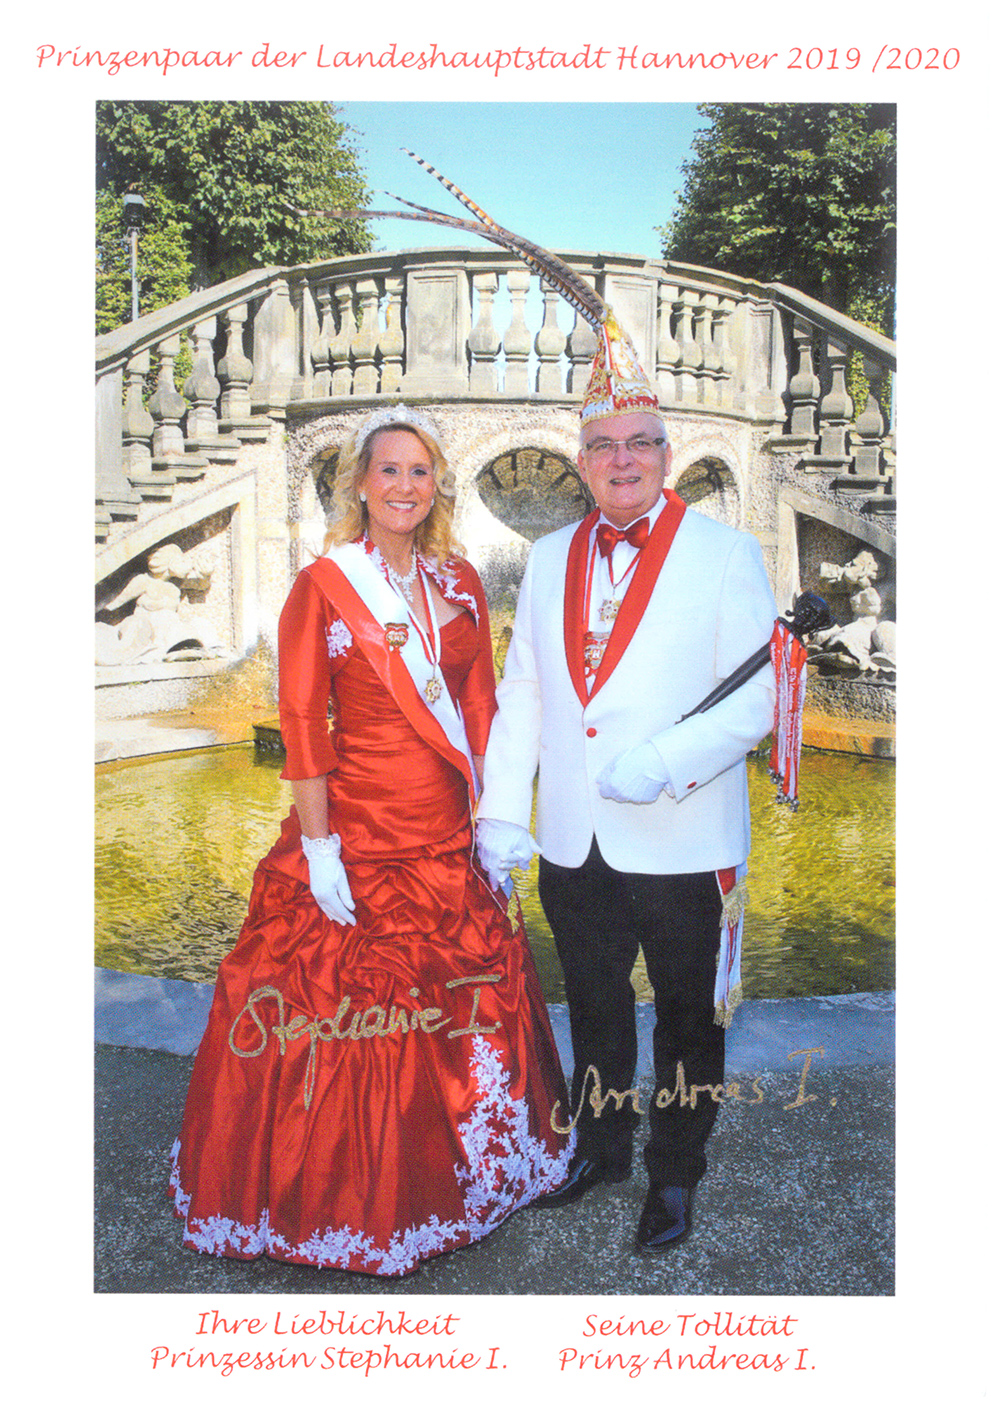 2019/2020 Andreas I. & Stephanie I.